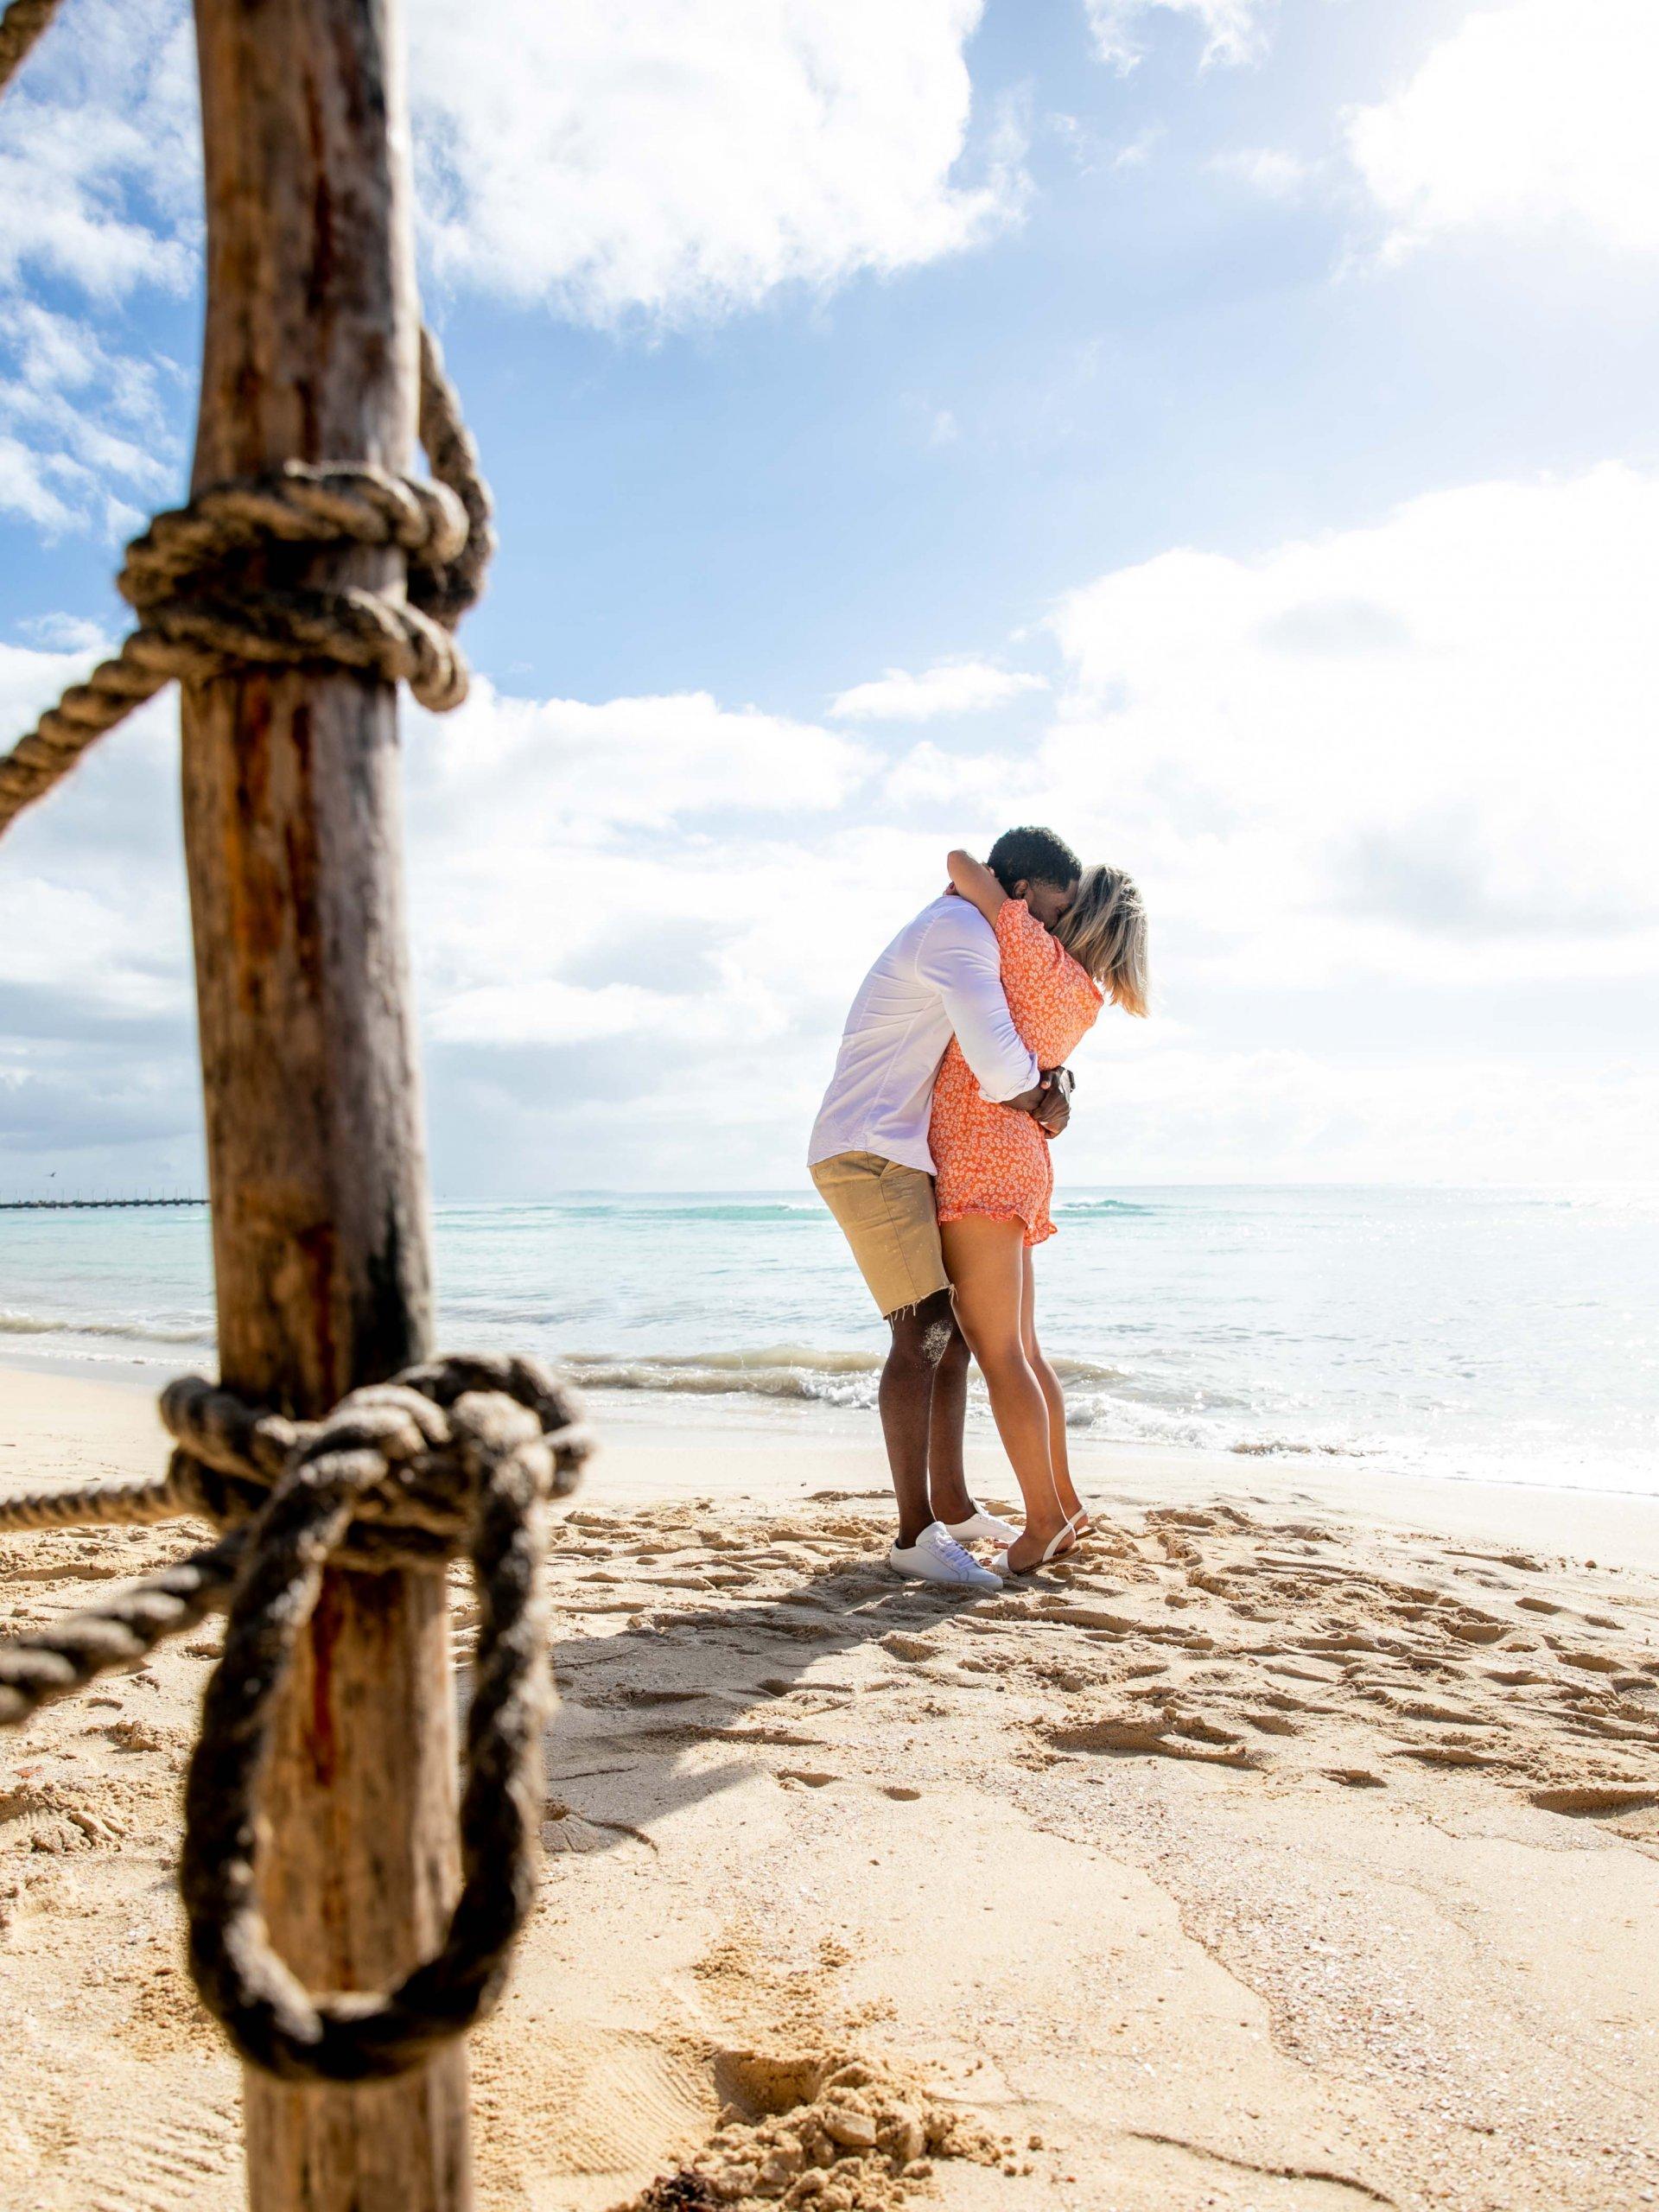 Engagements & Proposals